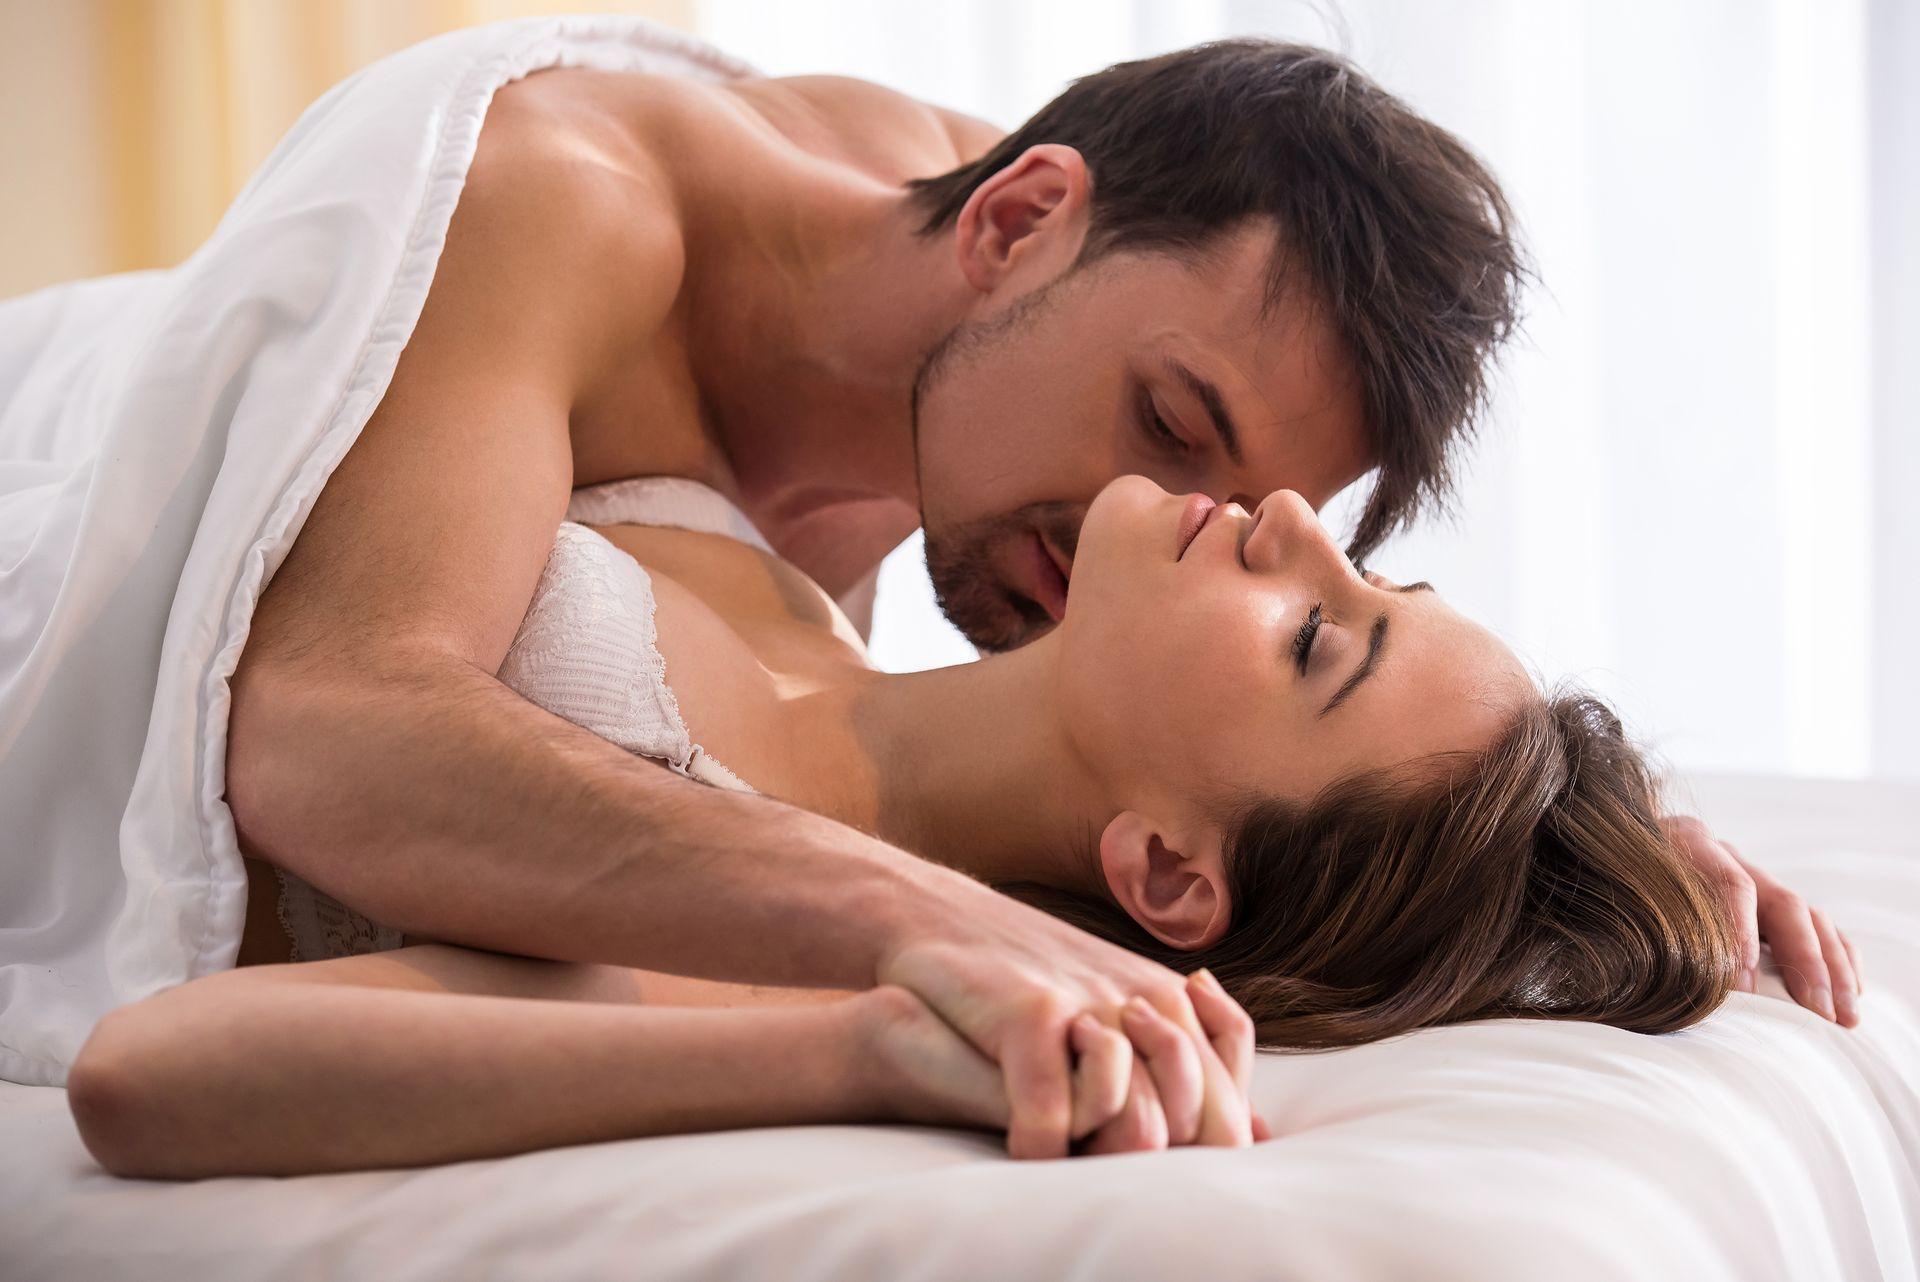 Kubek seks analny